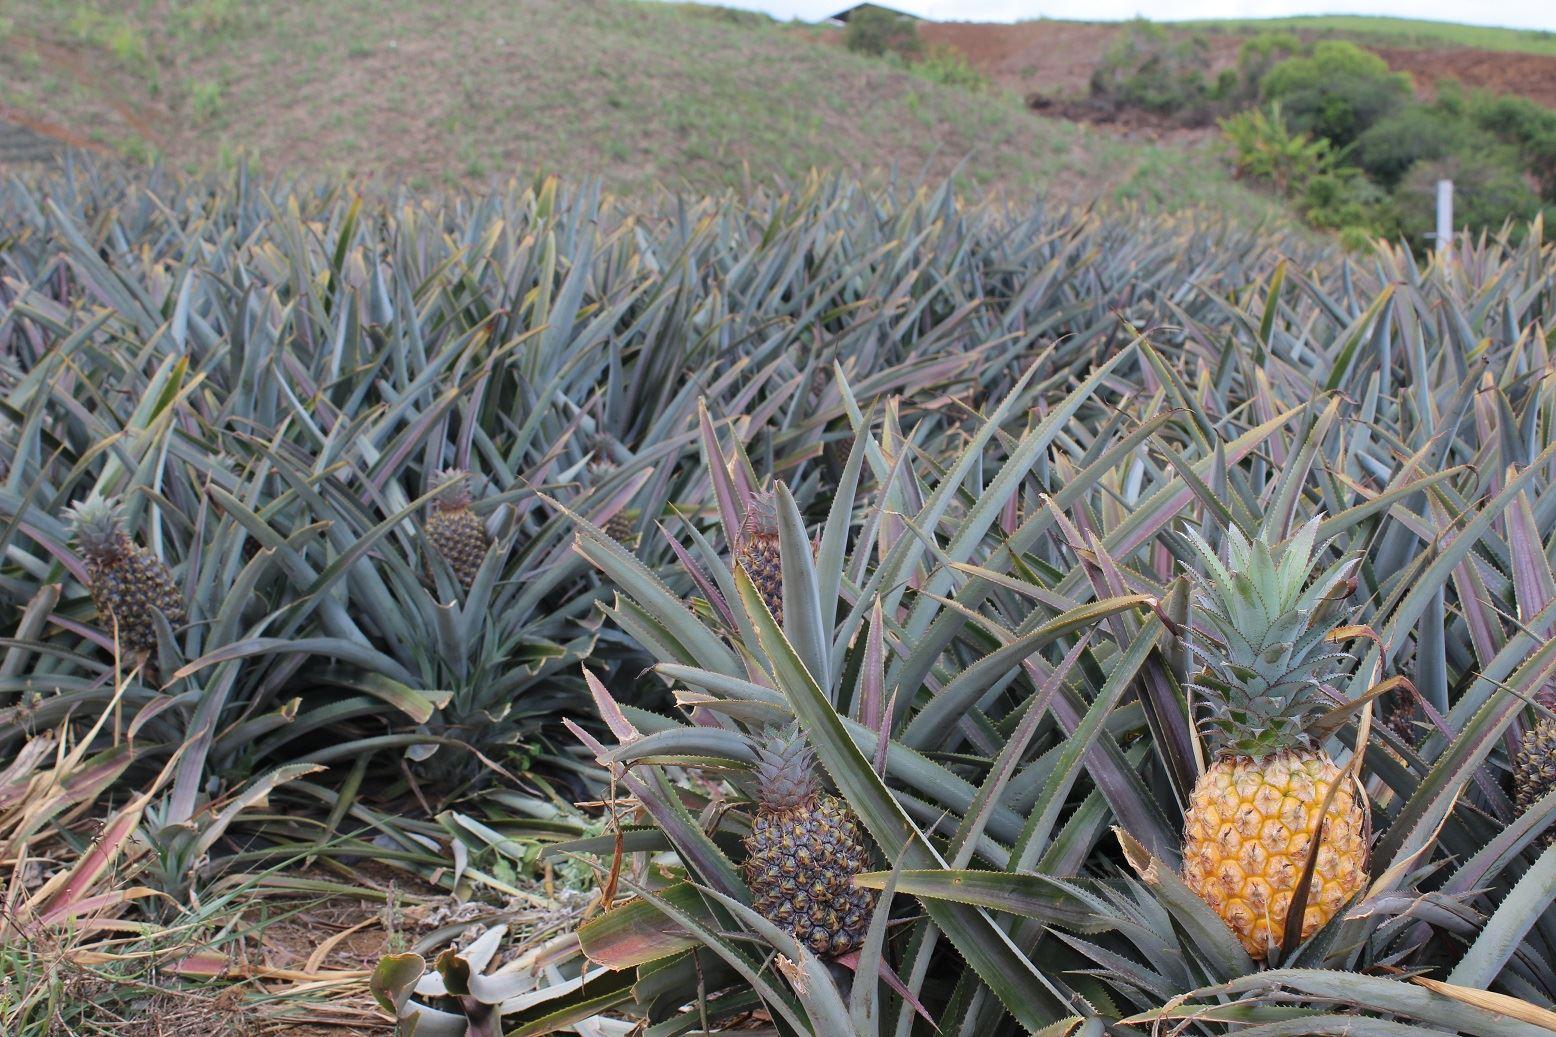 Maison de l'ananas